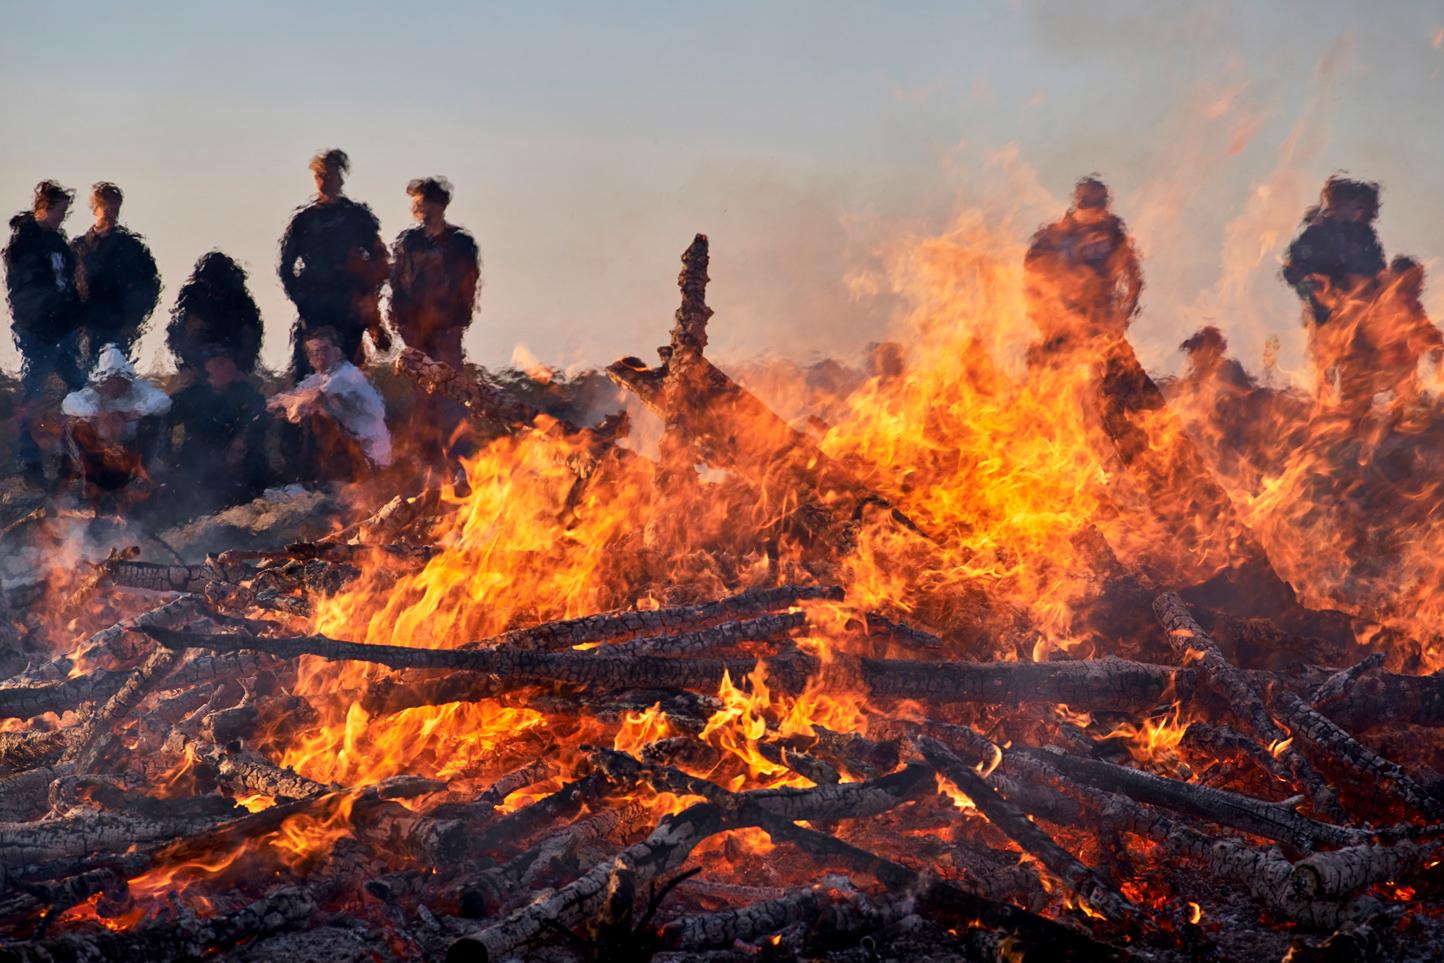 Foto: Leif Ljungquist. Runt elden.